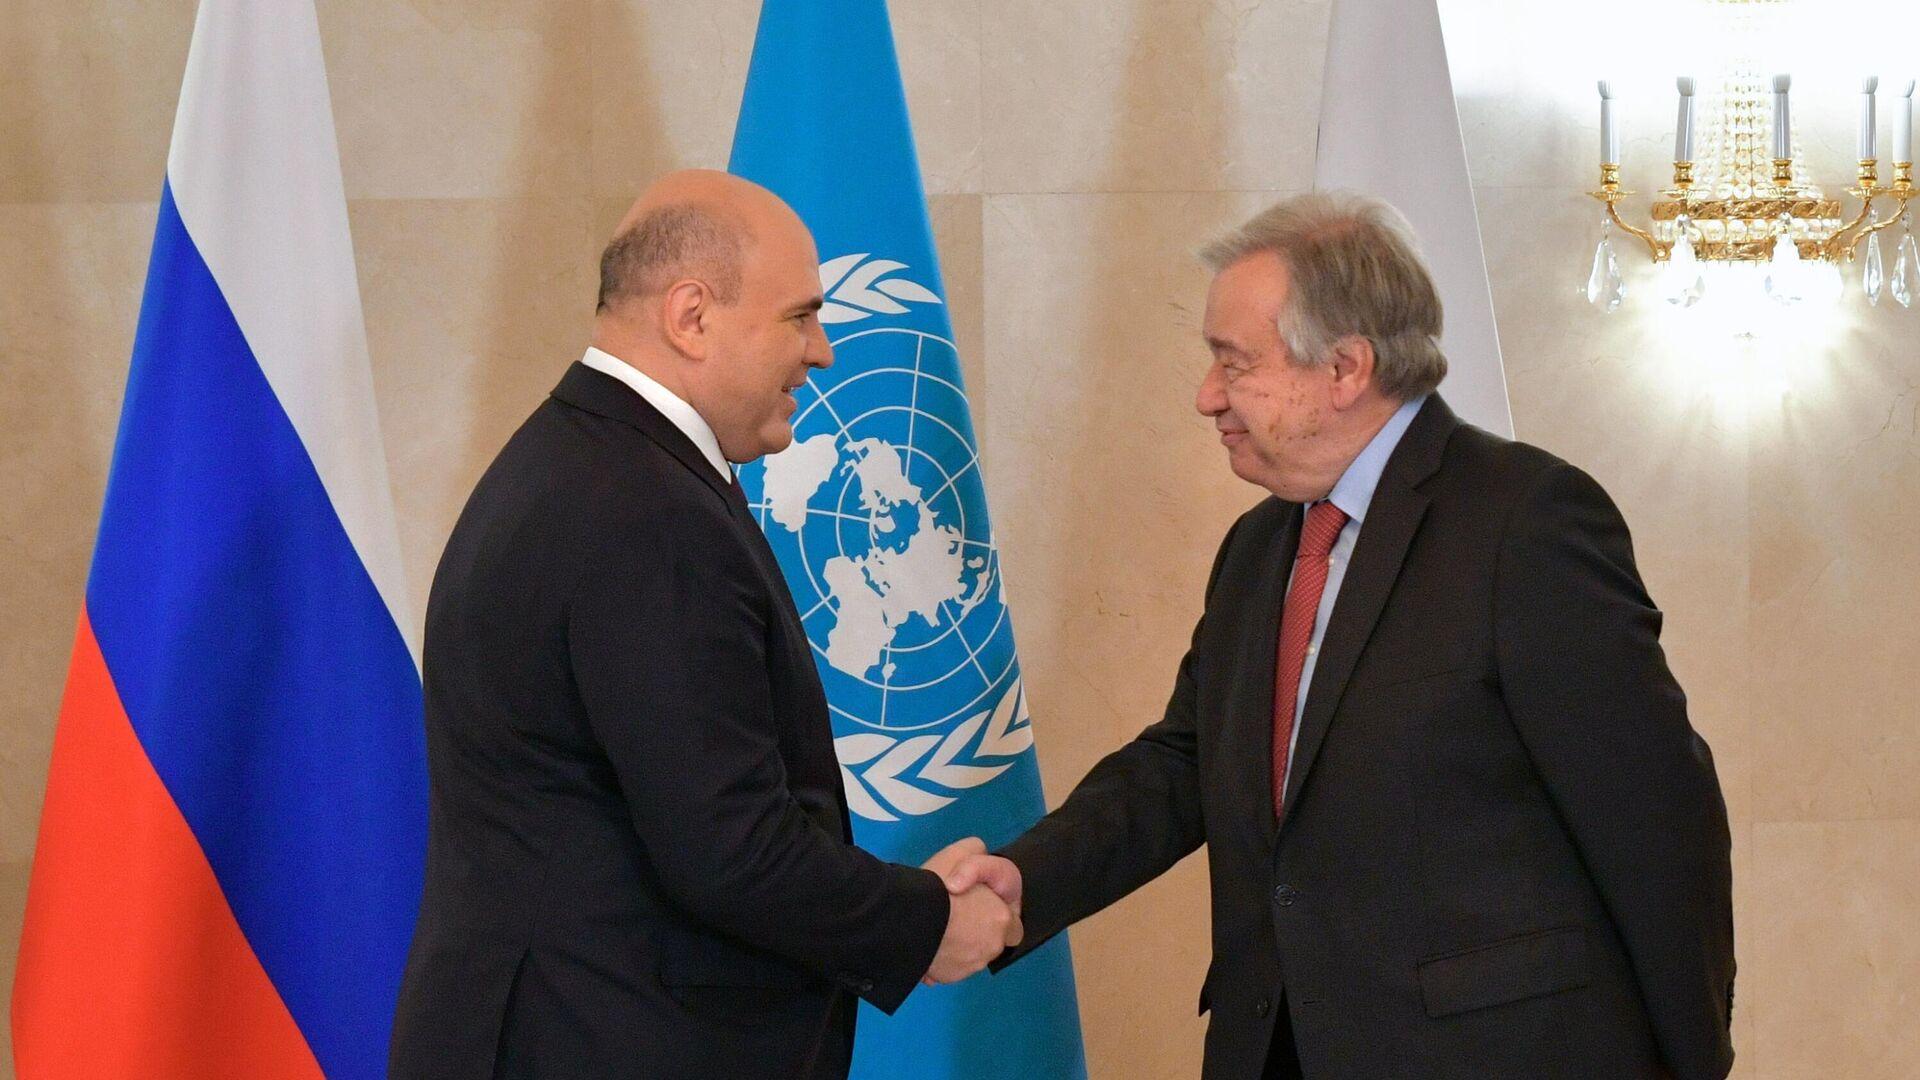 El secretario general de la ONU, António Guterres, (dcha.), con el el primer ministro ruso Mijaíl Mishustin (izda.)  - Sputnik Mundo, 1920, 14.05.2021